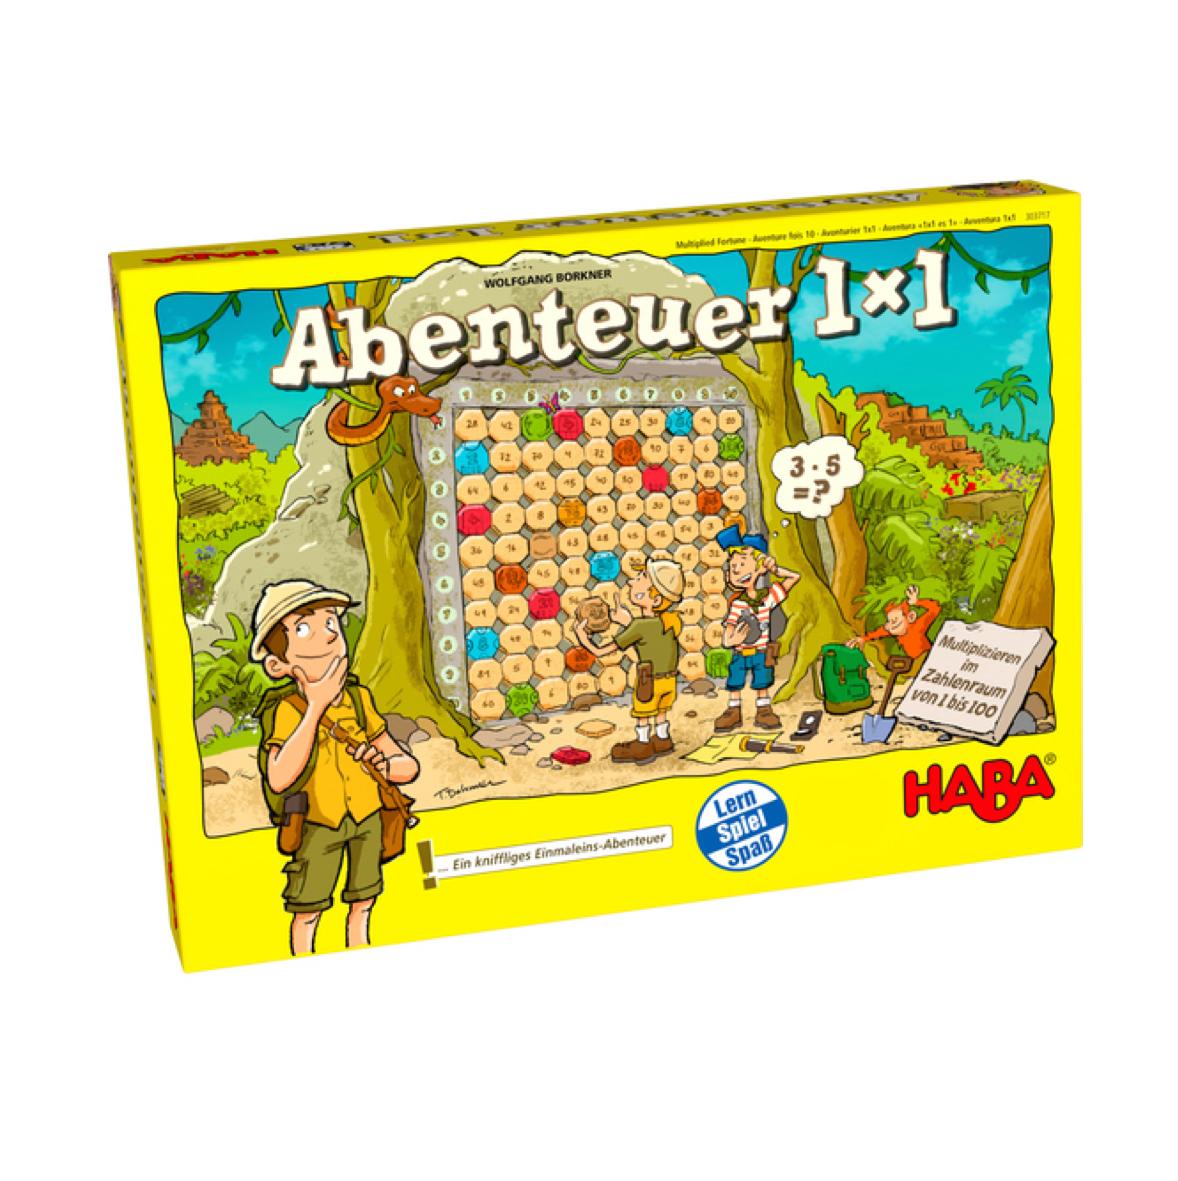 la-aventura-de-las-tablas-haba-el-mundo-de-mico6